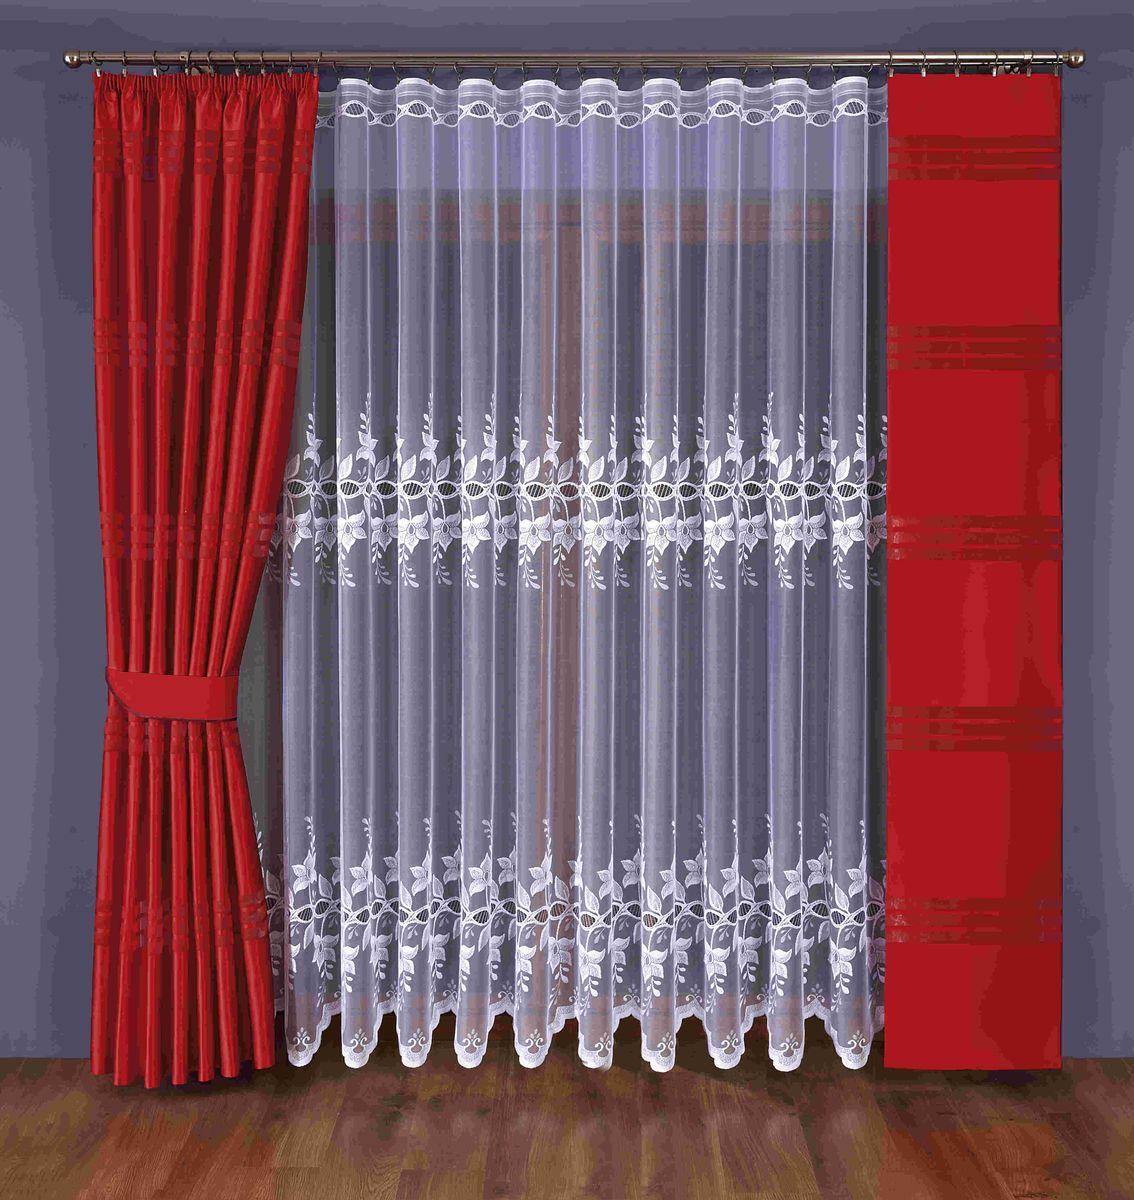 Комплект штор Wisan Eunika, на ленте, цвет: белый, красный, высота 245 см351 WКомплект штор Wisan Eunika выполненный из полиэстера, великолепно украсит любое окно. В комплект входят 2 плотные шторы, тюль и 1 подхват. Оригинальный и яркий дизайн придает комплекту особый стиль и шарм. Качественный материал и тонкое плетение, нежная цветовая гамма и роскошное исполнение - все это делает шторы Wisan Eunika замечательным дополнением интерьера помещения. Комплект оснащен шторной лентой для красивой сборки. В комплект входит: Тюль - 1 шт. Размер (ШхВ): 400 см х 245 см. Штора - 1 шт. Размер (ШхВ): 170 см х 245 см. Штора - 1 шт. Размер (ШхВ): 40 см х 245 см. Подхват - 1 шт. Фирма Wisan на польском рынке существует уже более пятидесяти лет и является одной из лучших польских фабрик по производству штор и тканей. Ассортимент фирмы представлен готовыми комплектами штор для гостиной, детской, кухни, а также текстилем для кухни (скатерти, салфетки, дорожки, кухонные занавески). Модельный ряд...